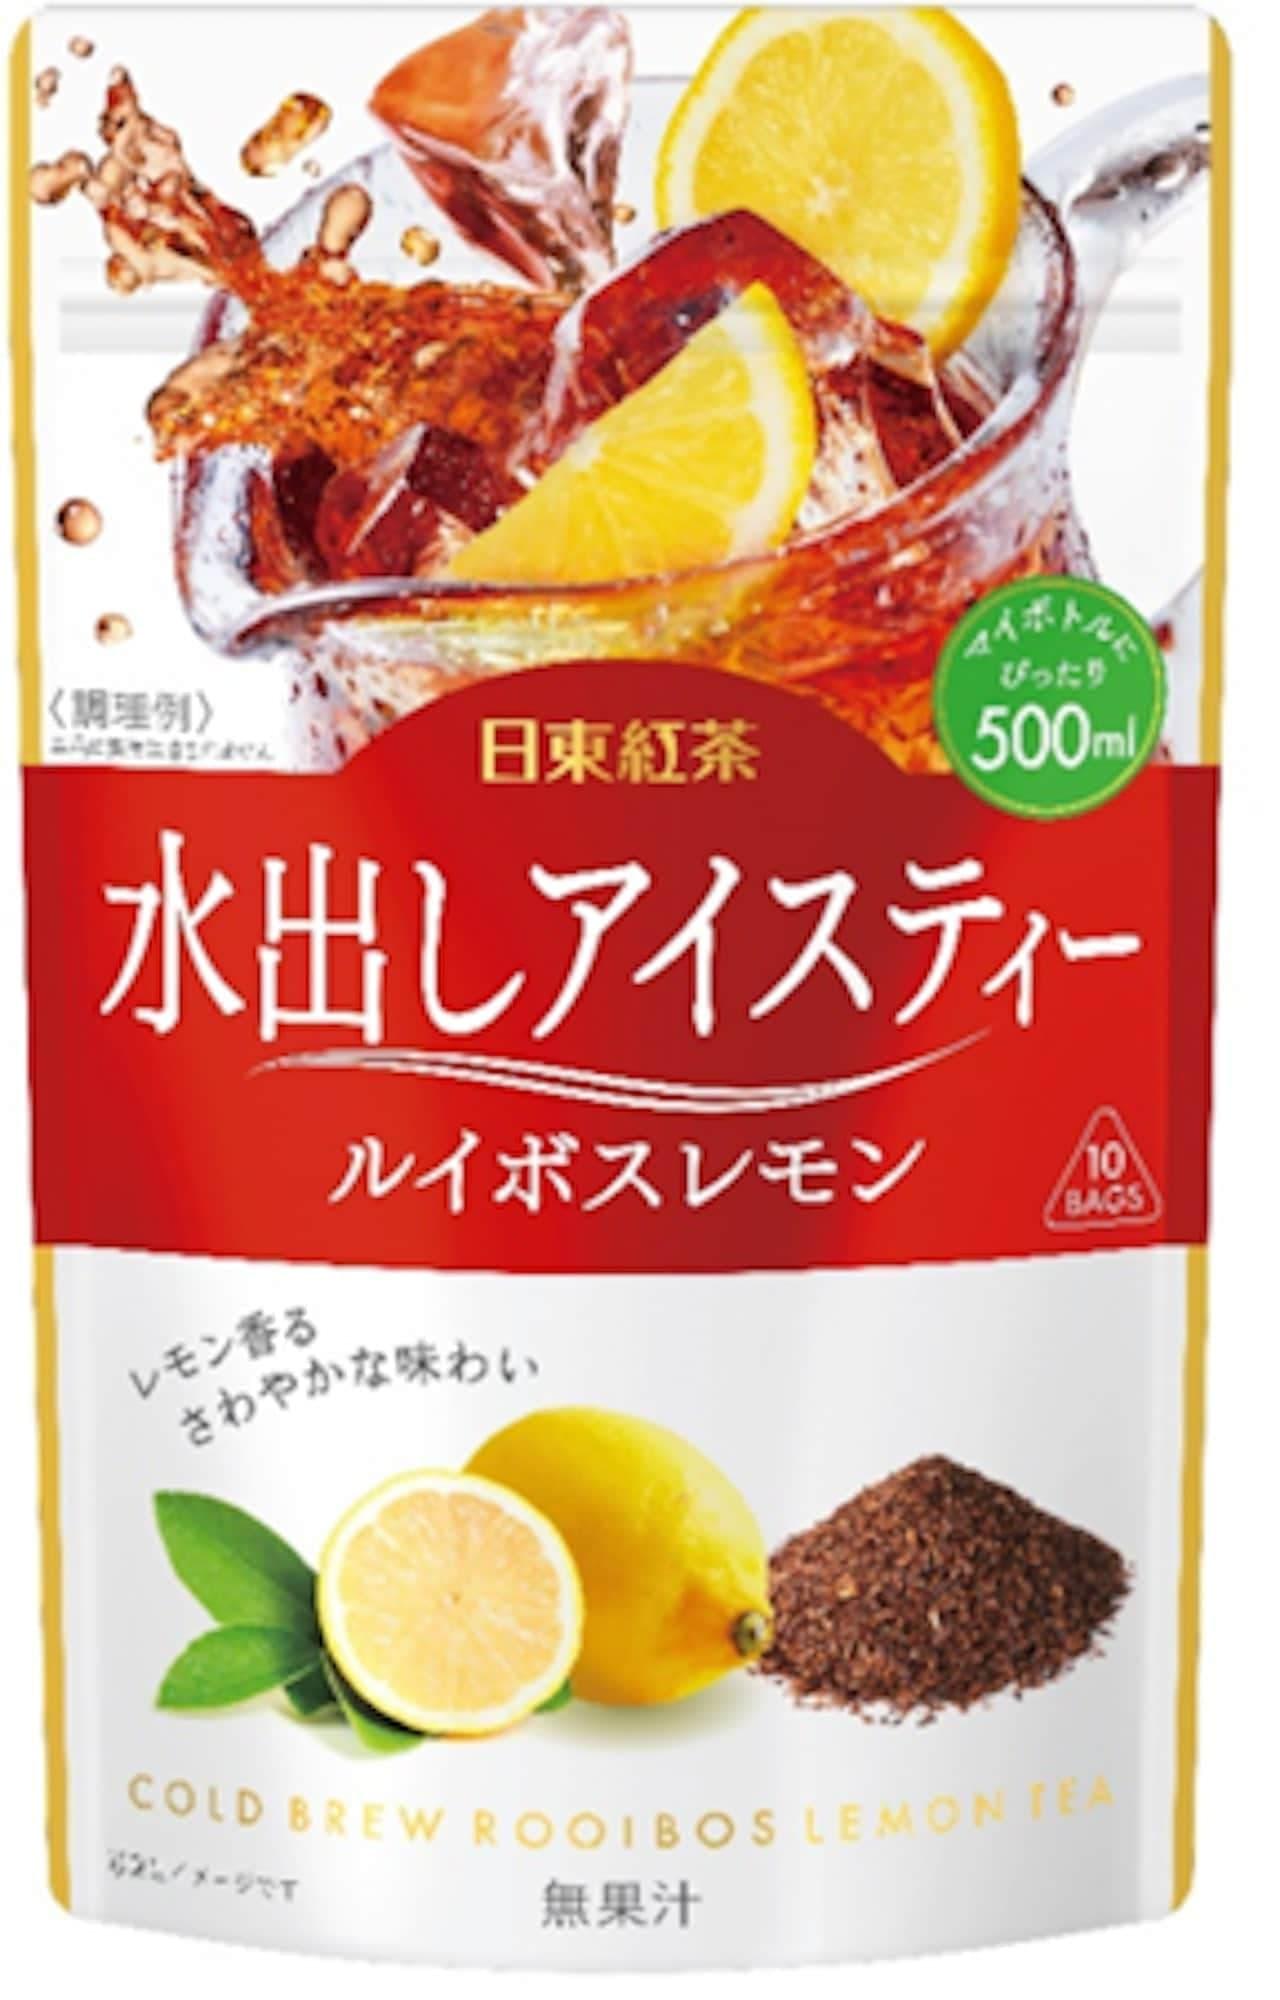 三井農林「日東紅茶 水出しアイスティー ルイボスレモン」